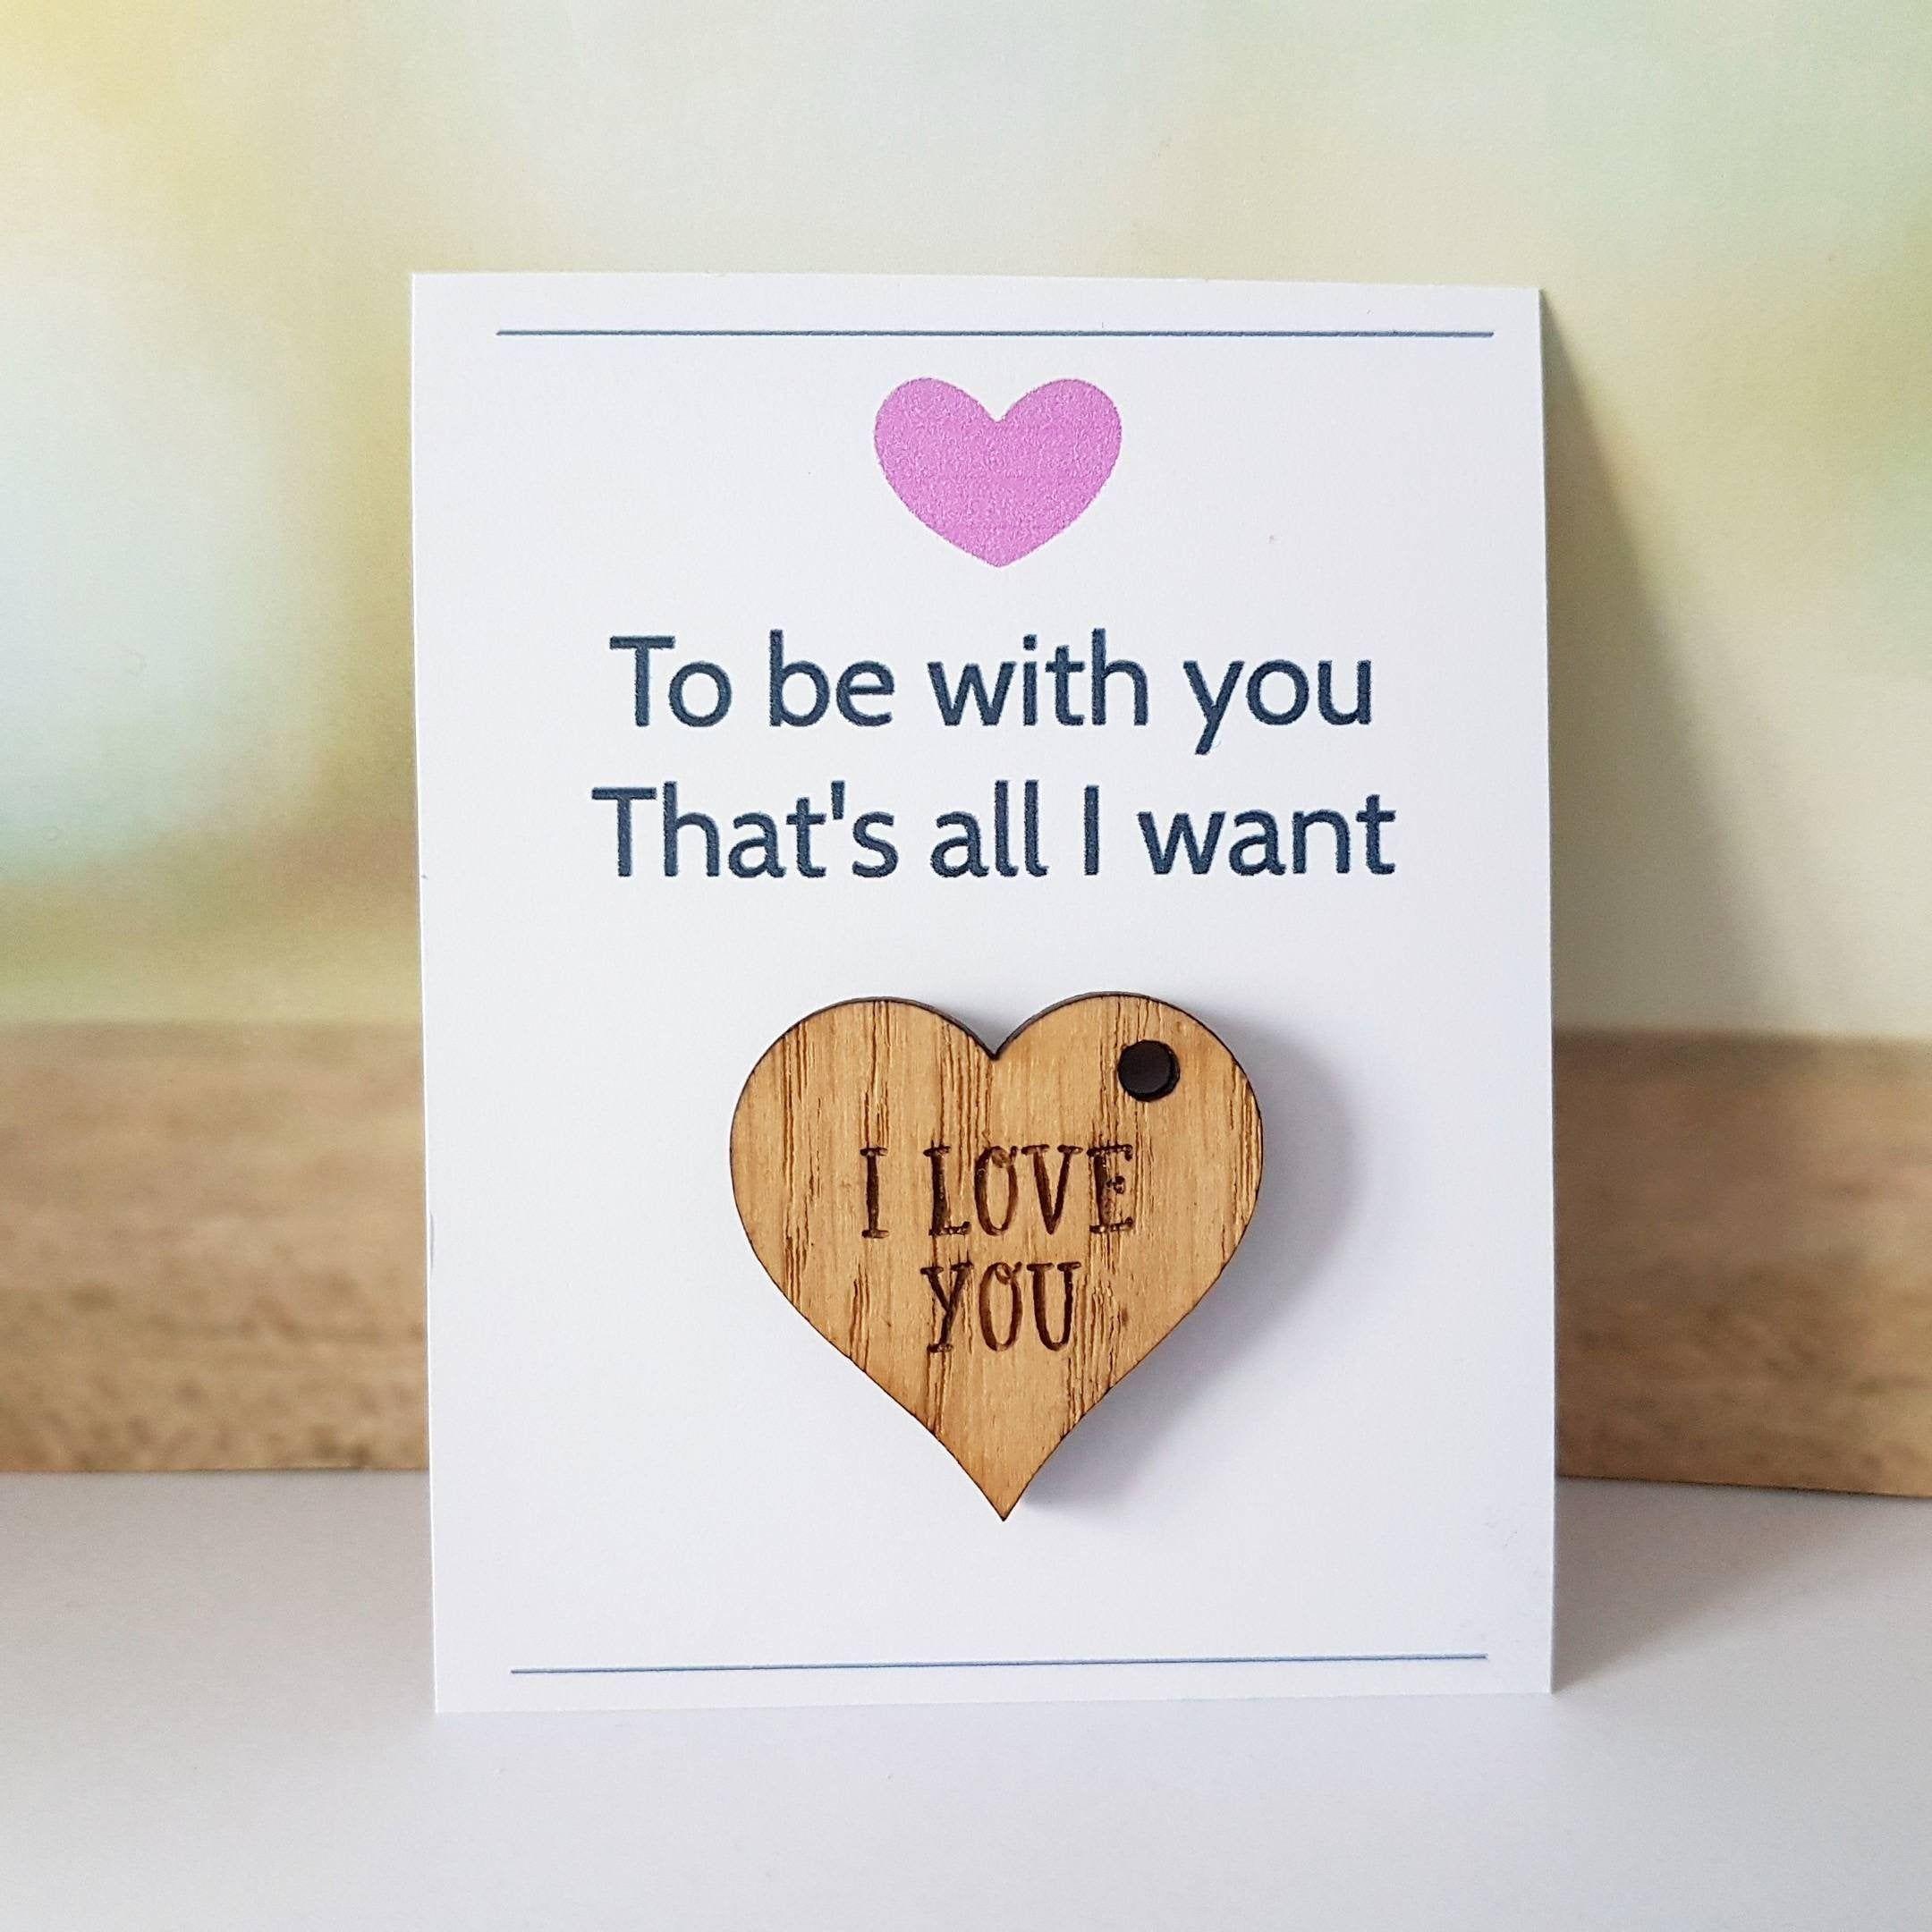 Boyfriend Gift Girlfriend Gift Friend Gift Sorry Girlfriend Card Boyfriend Card Birthday Christmas G Cards For Boyfriend Girlfriend Card Boyfriend Gifts